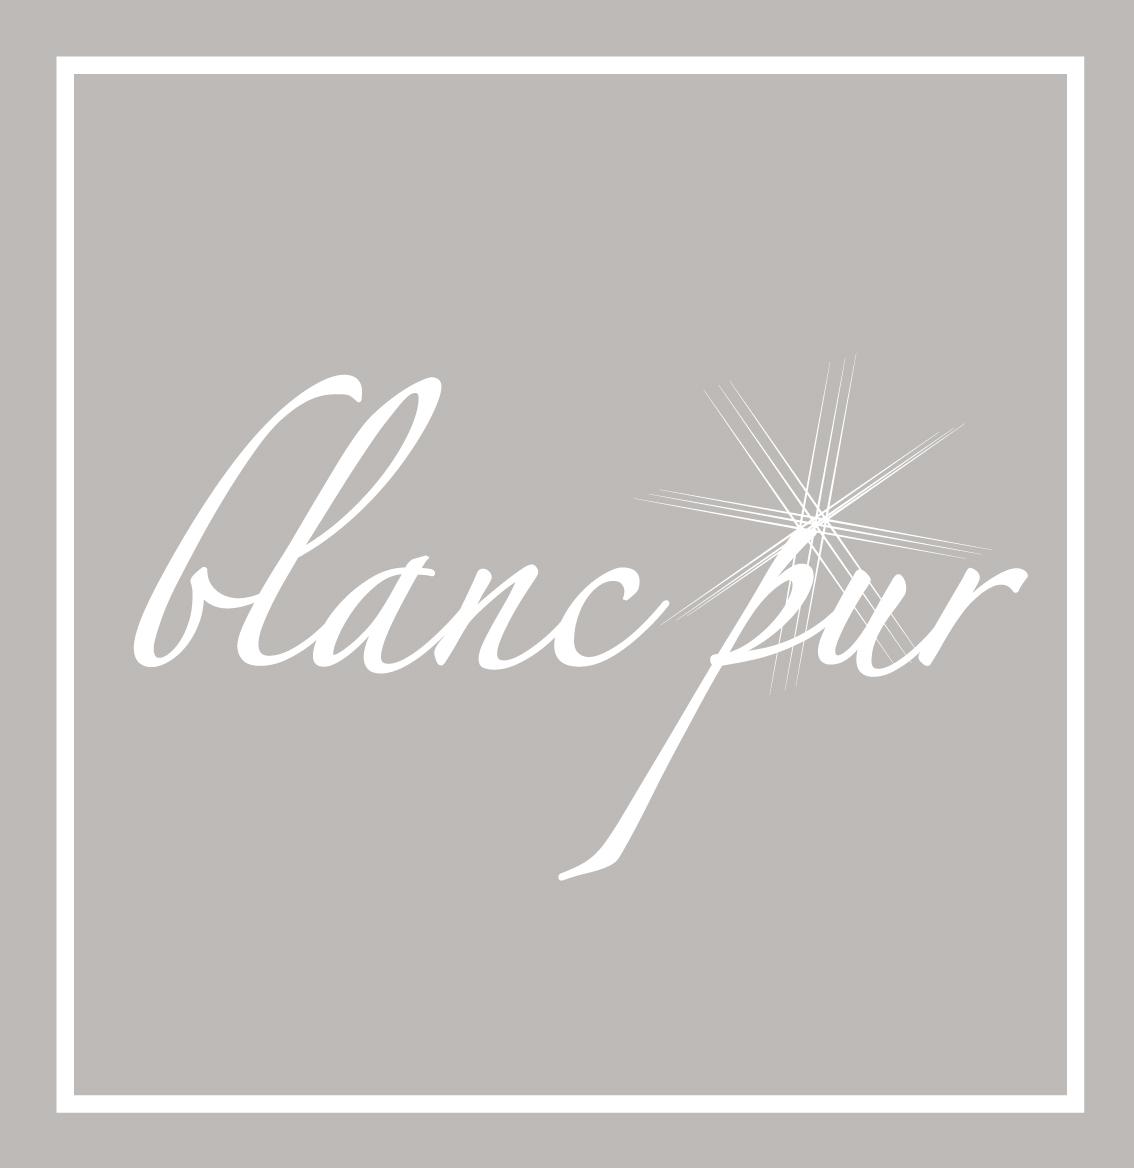 ピアノ&お花可愛い雑貨とスイーツ*blanc pur*